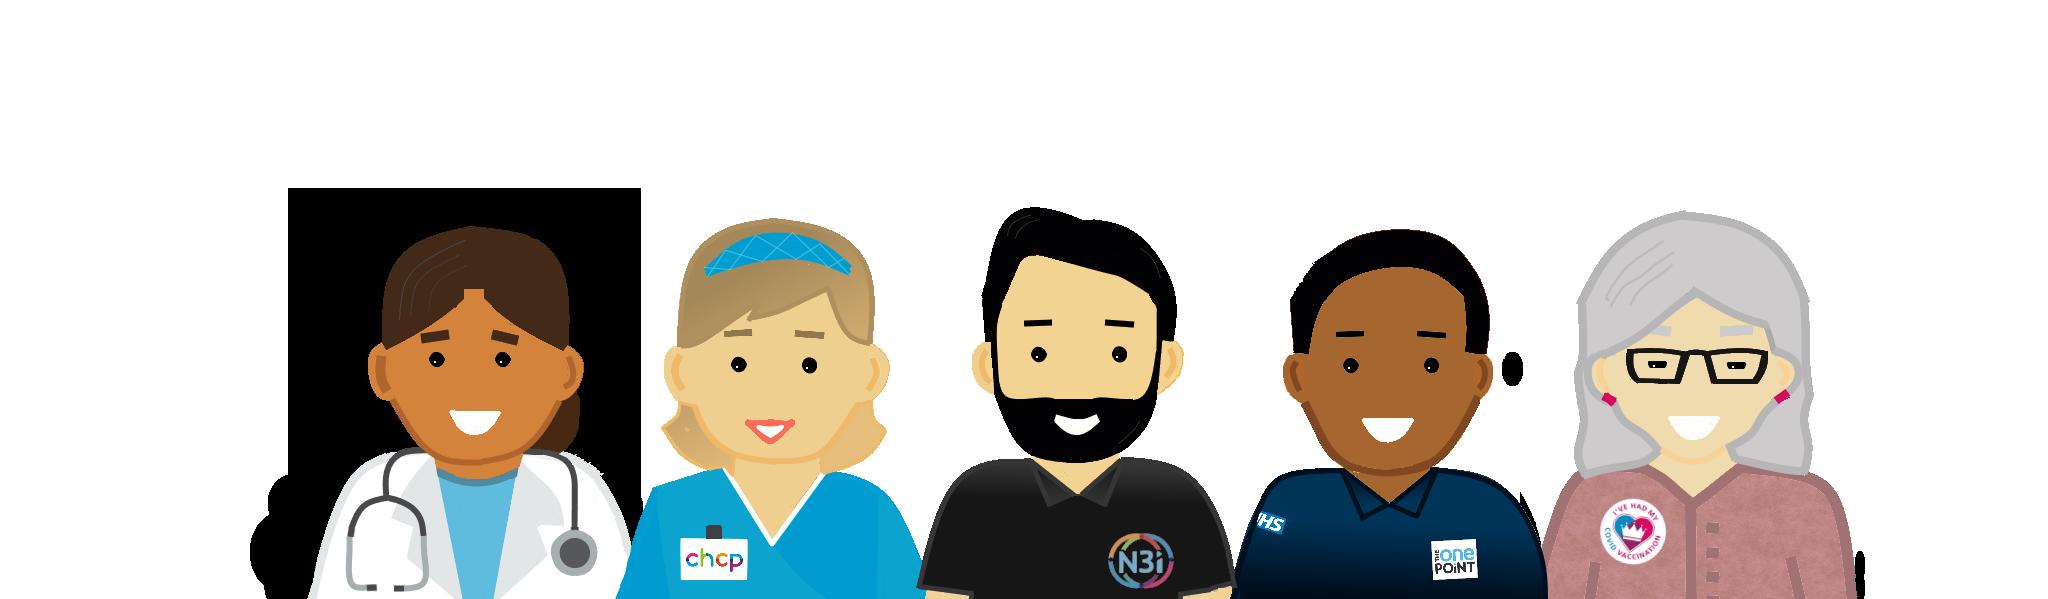 N3i Cartoon characters. Doctor, Nurse, N3i Engineer, TOP Engineer, Patient